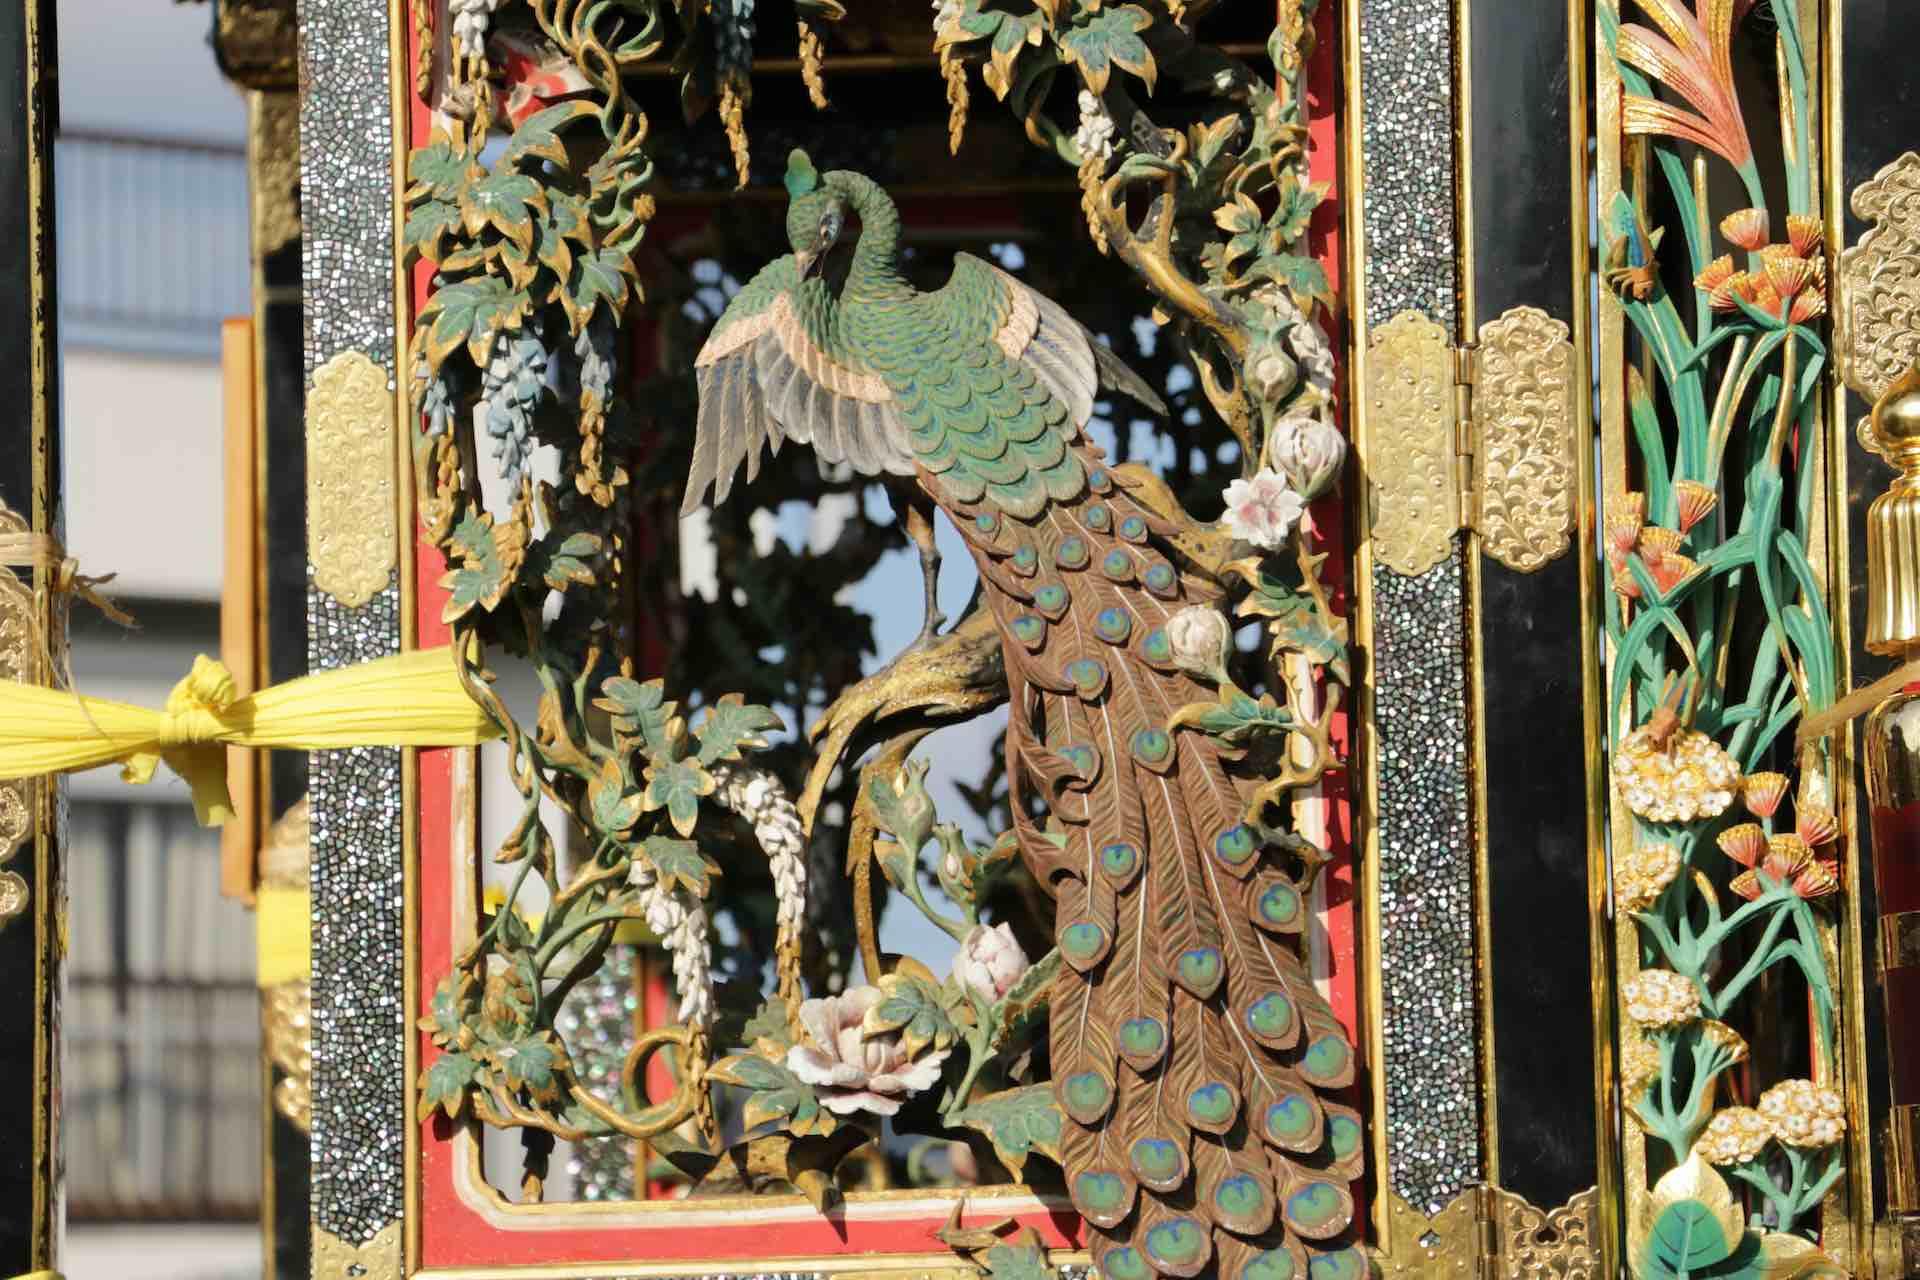 孔雀の羽一枚一枚が流れるように彫り込まれています